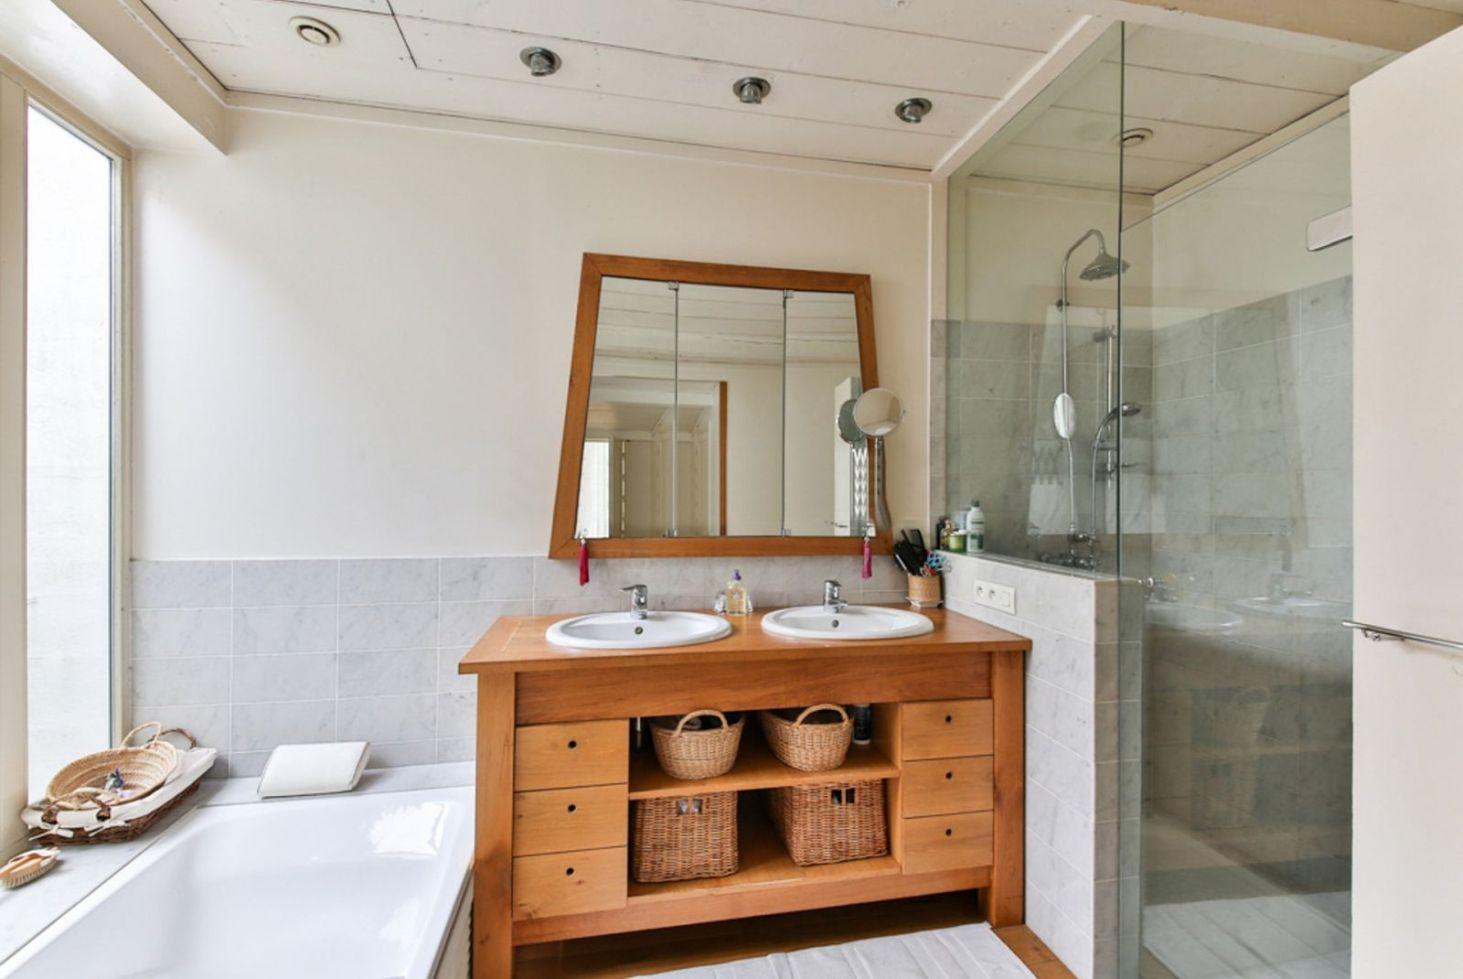 Prysznic Czy Wanna Co Wybrać Do Małej łazienki W Bloku